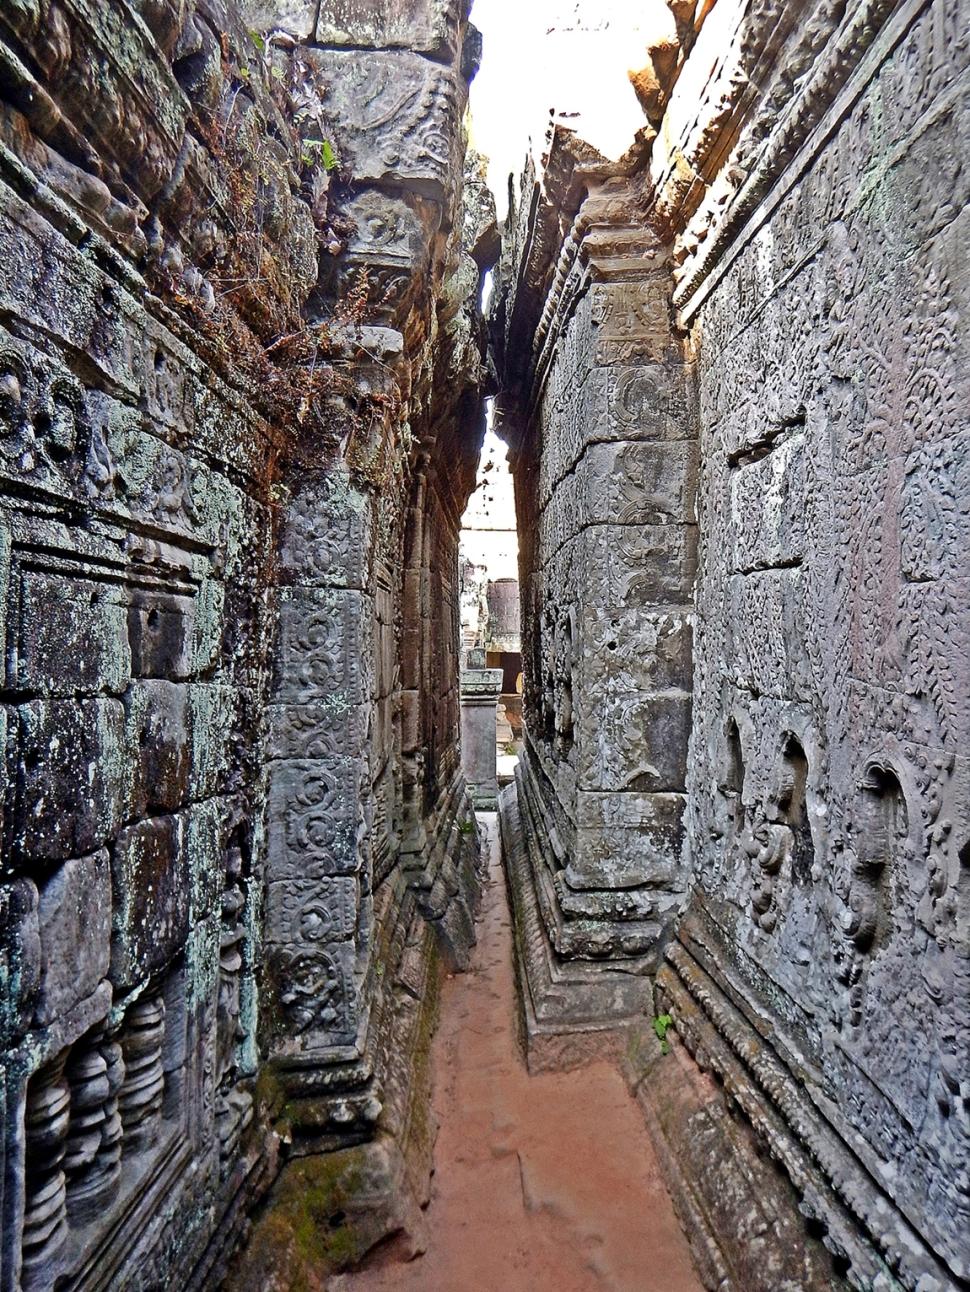 Narrow space between buildings, Preah Khan Temple